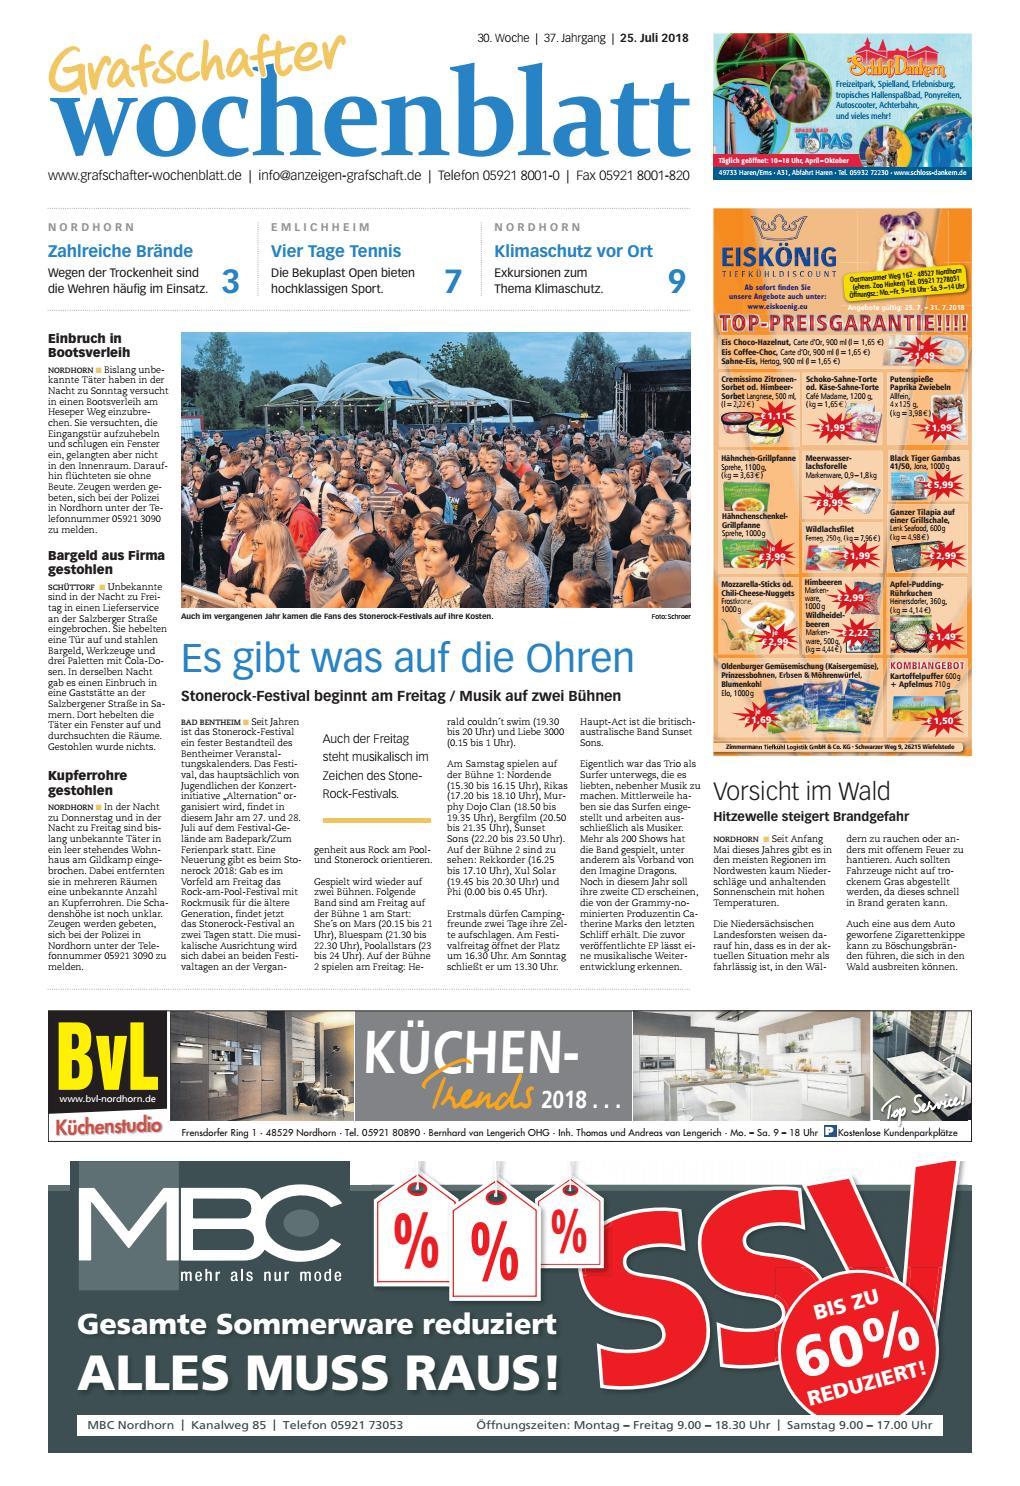 Grafschafter Wochenblatt_25-07-2018 by Grafschafter Nachrichten - issuu